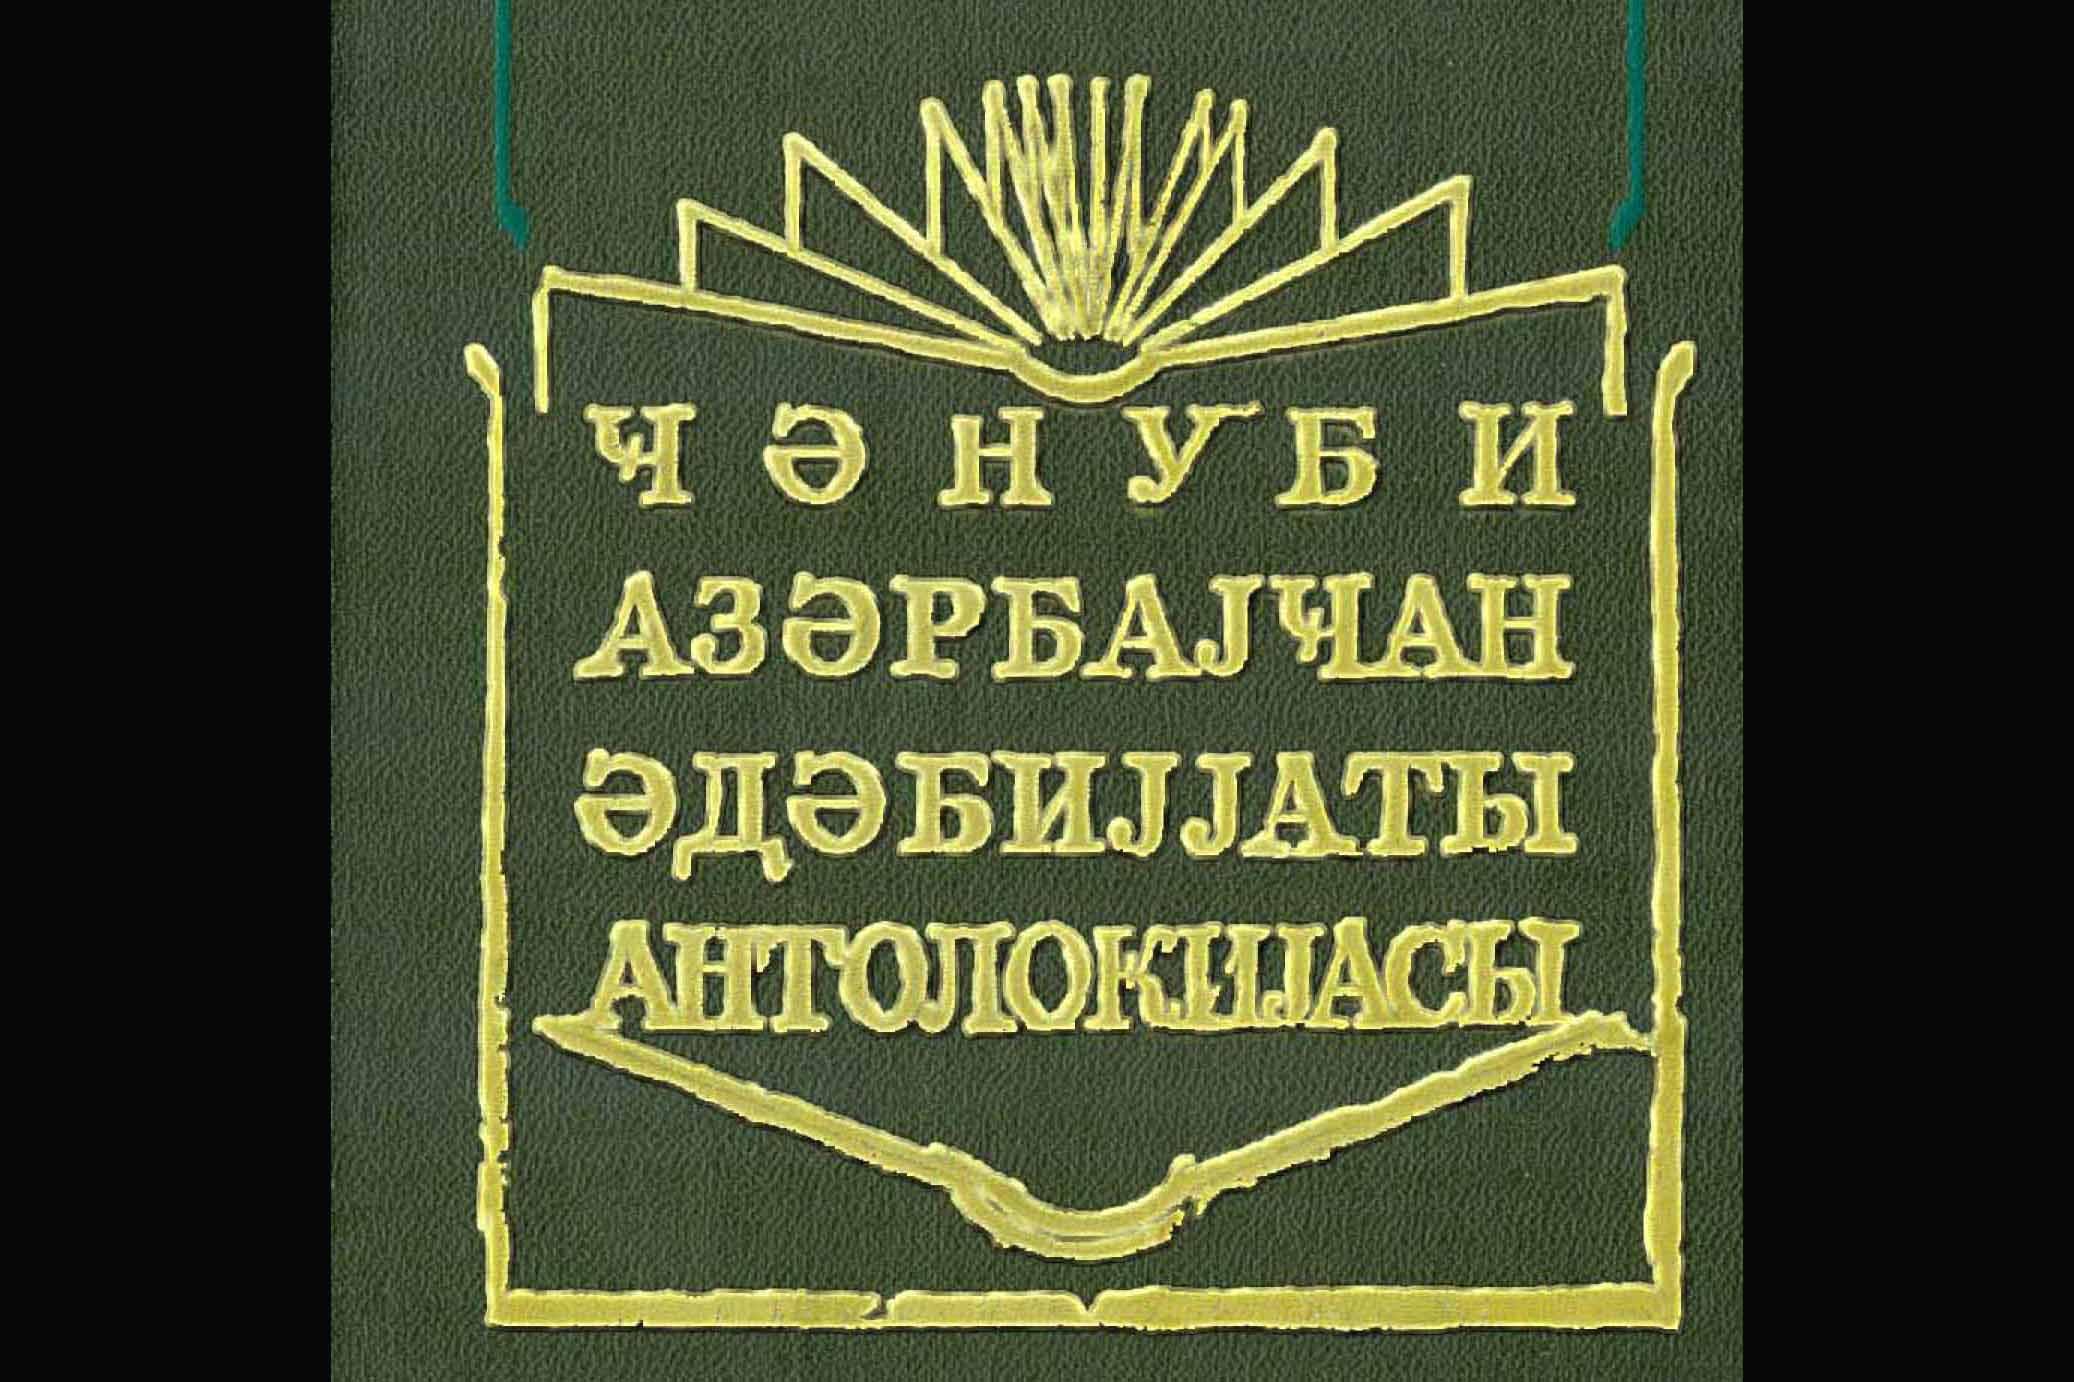 ۰۱ Cenubi Azerbaycan Edebiyyati Antologiyasi Cild1-1